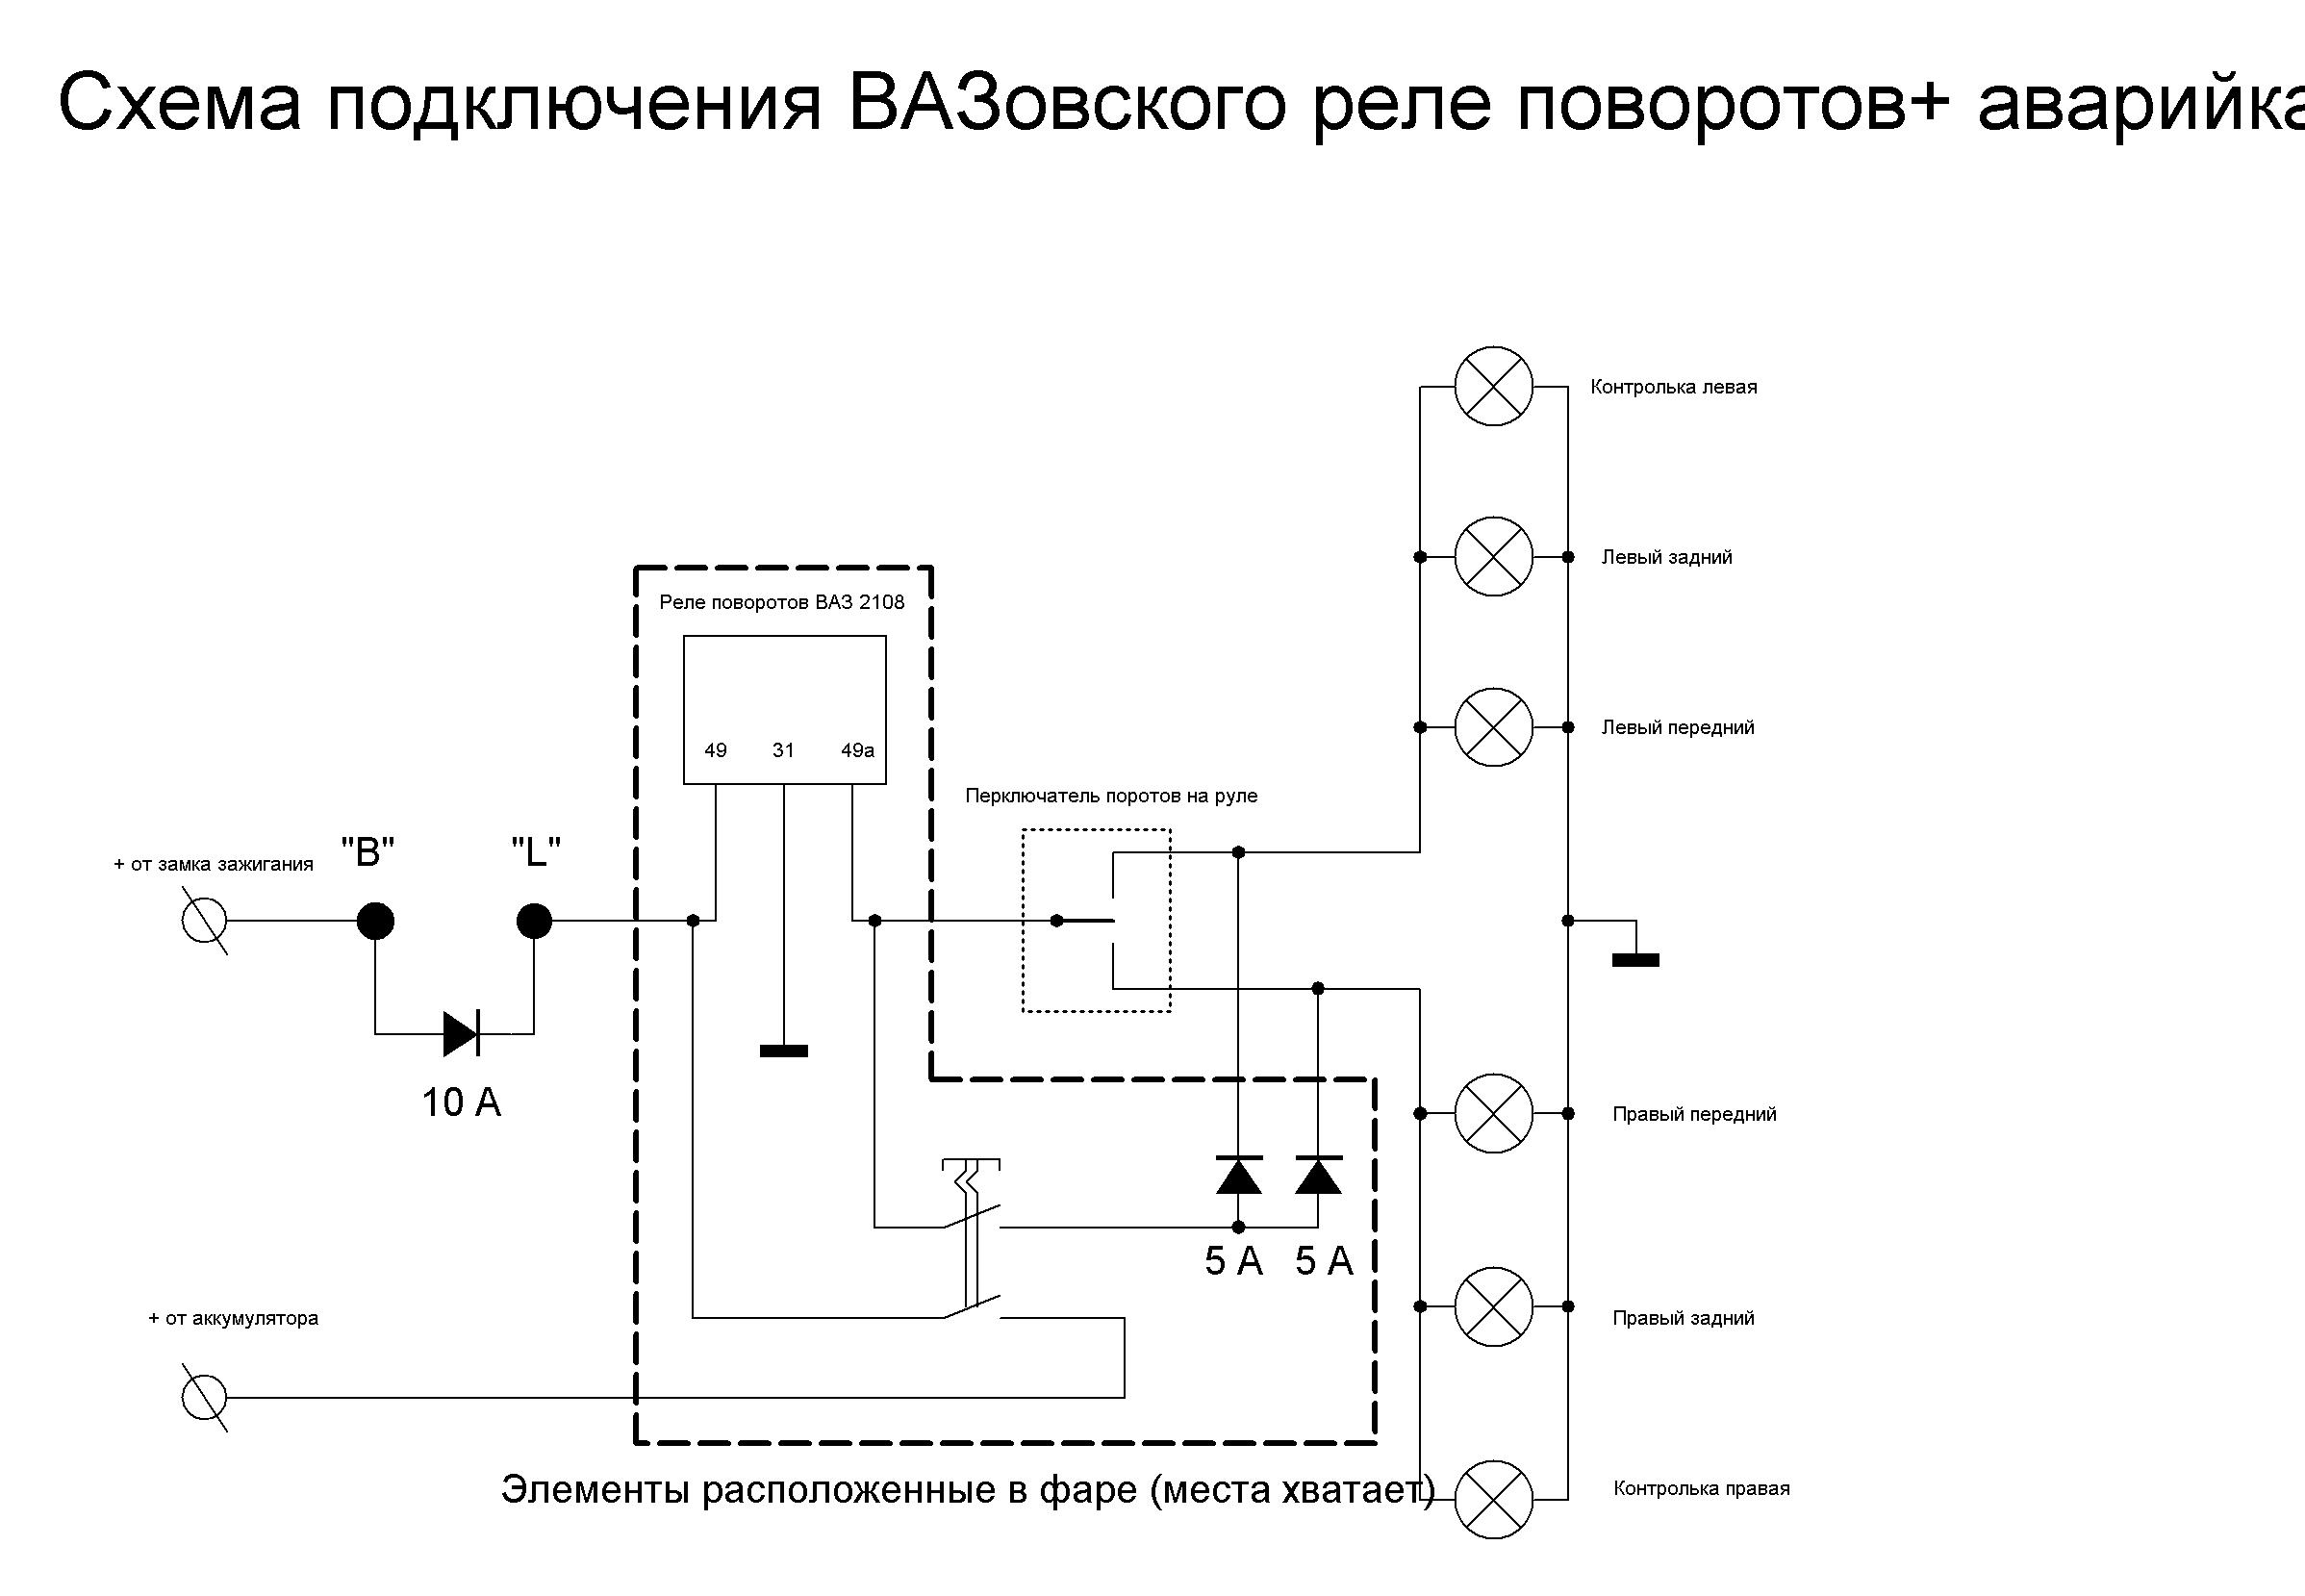 реле поворотов и схема подключения